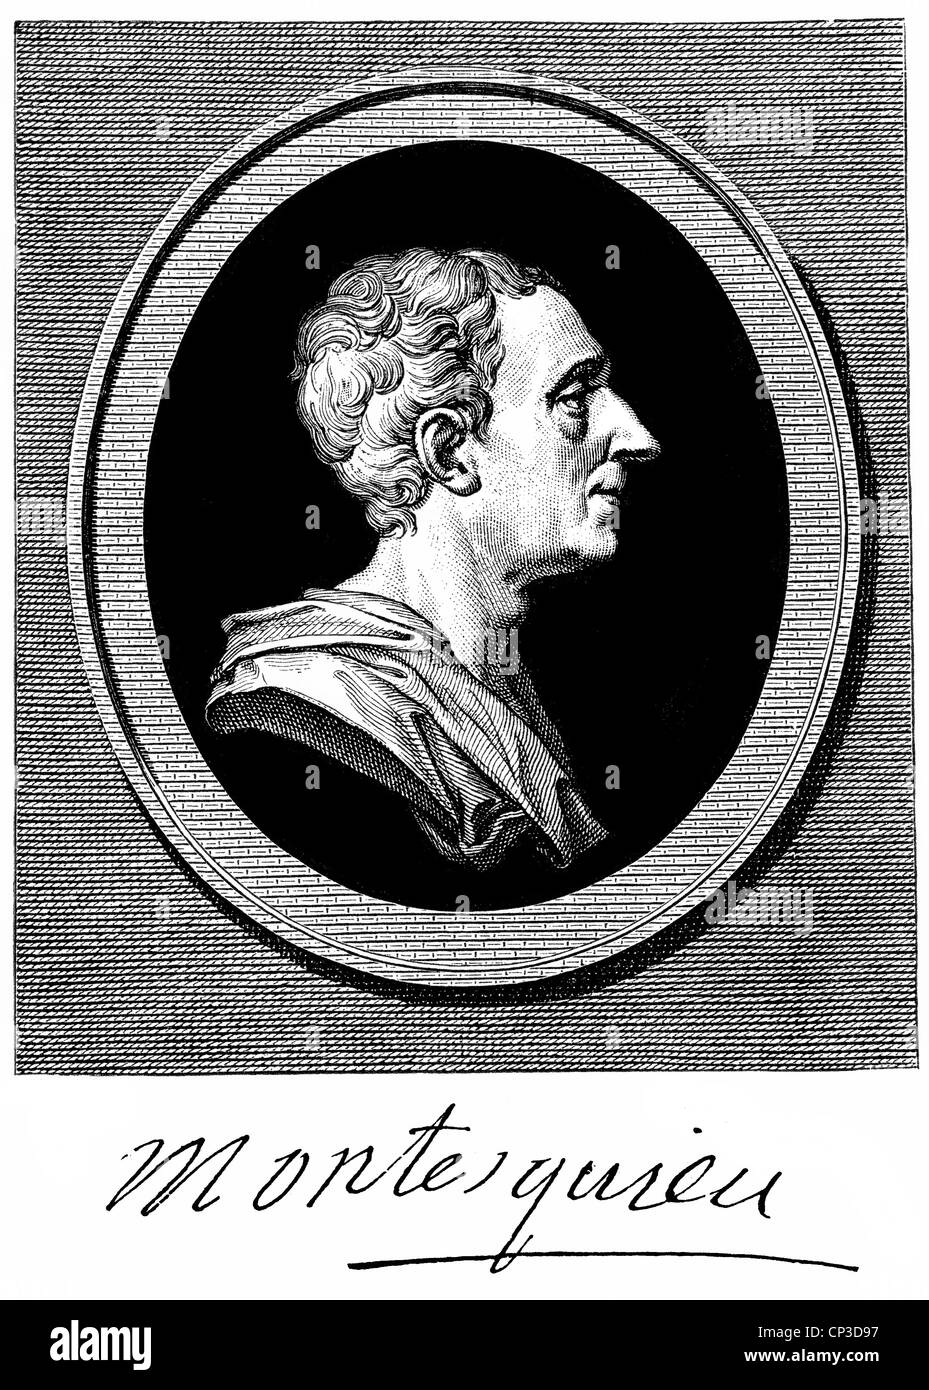 Charles-Louis de Secondat, Baron de La Brède et de Montesquieu, 1689 - 1755, a French writer, philosopher and - Stock Image